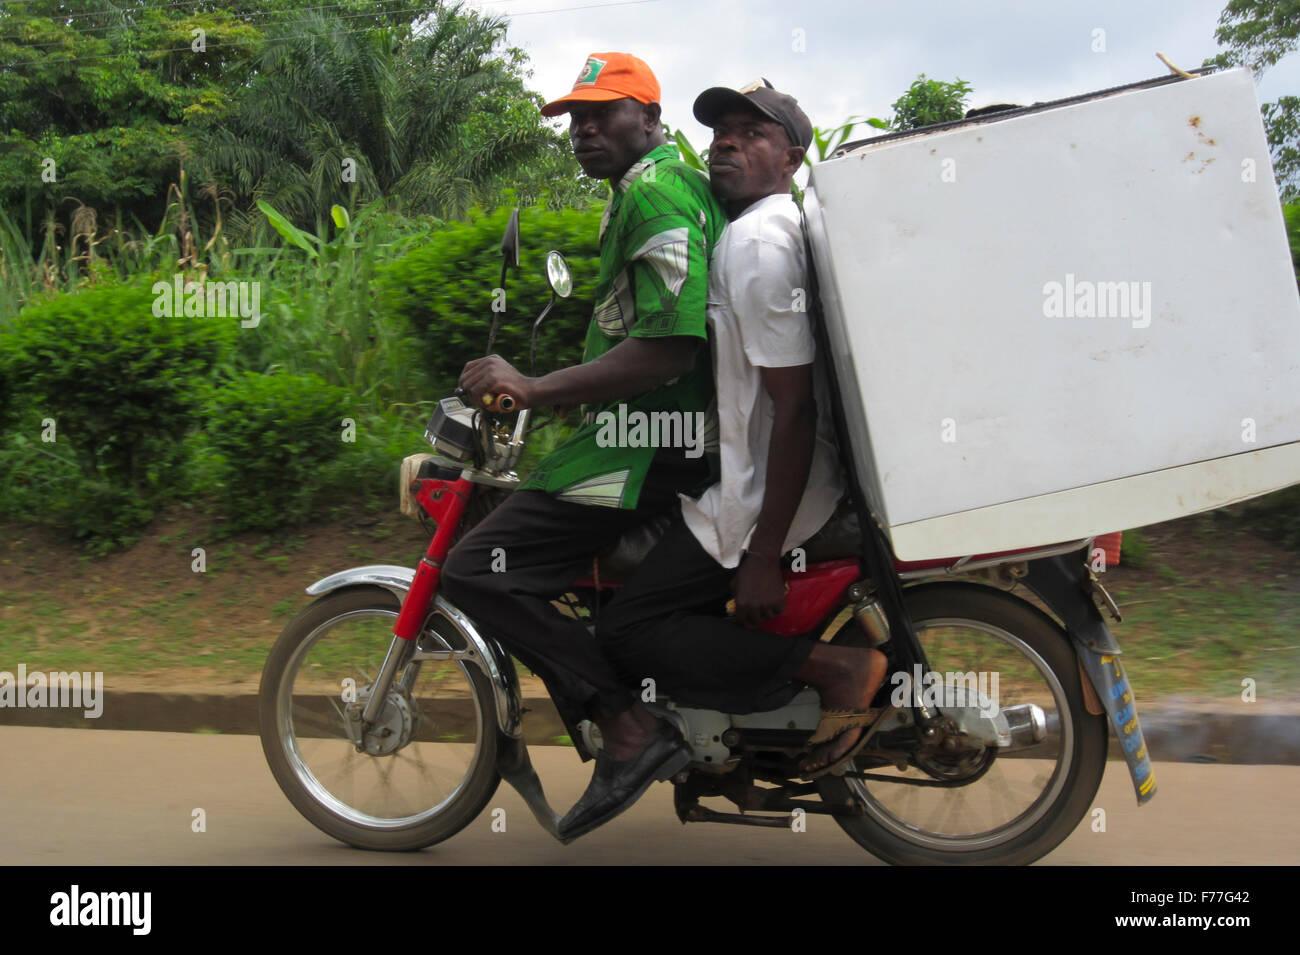 Zwei Freunde auf einem Motorrad transportieren einen Kühlschrank ...